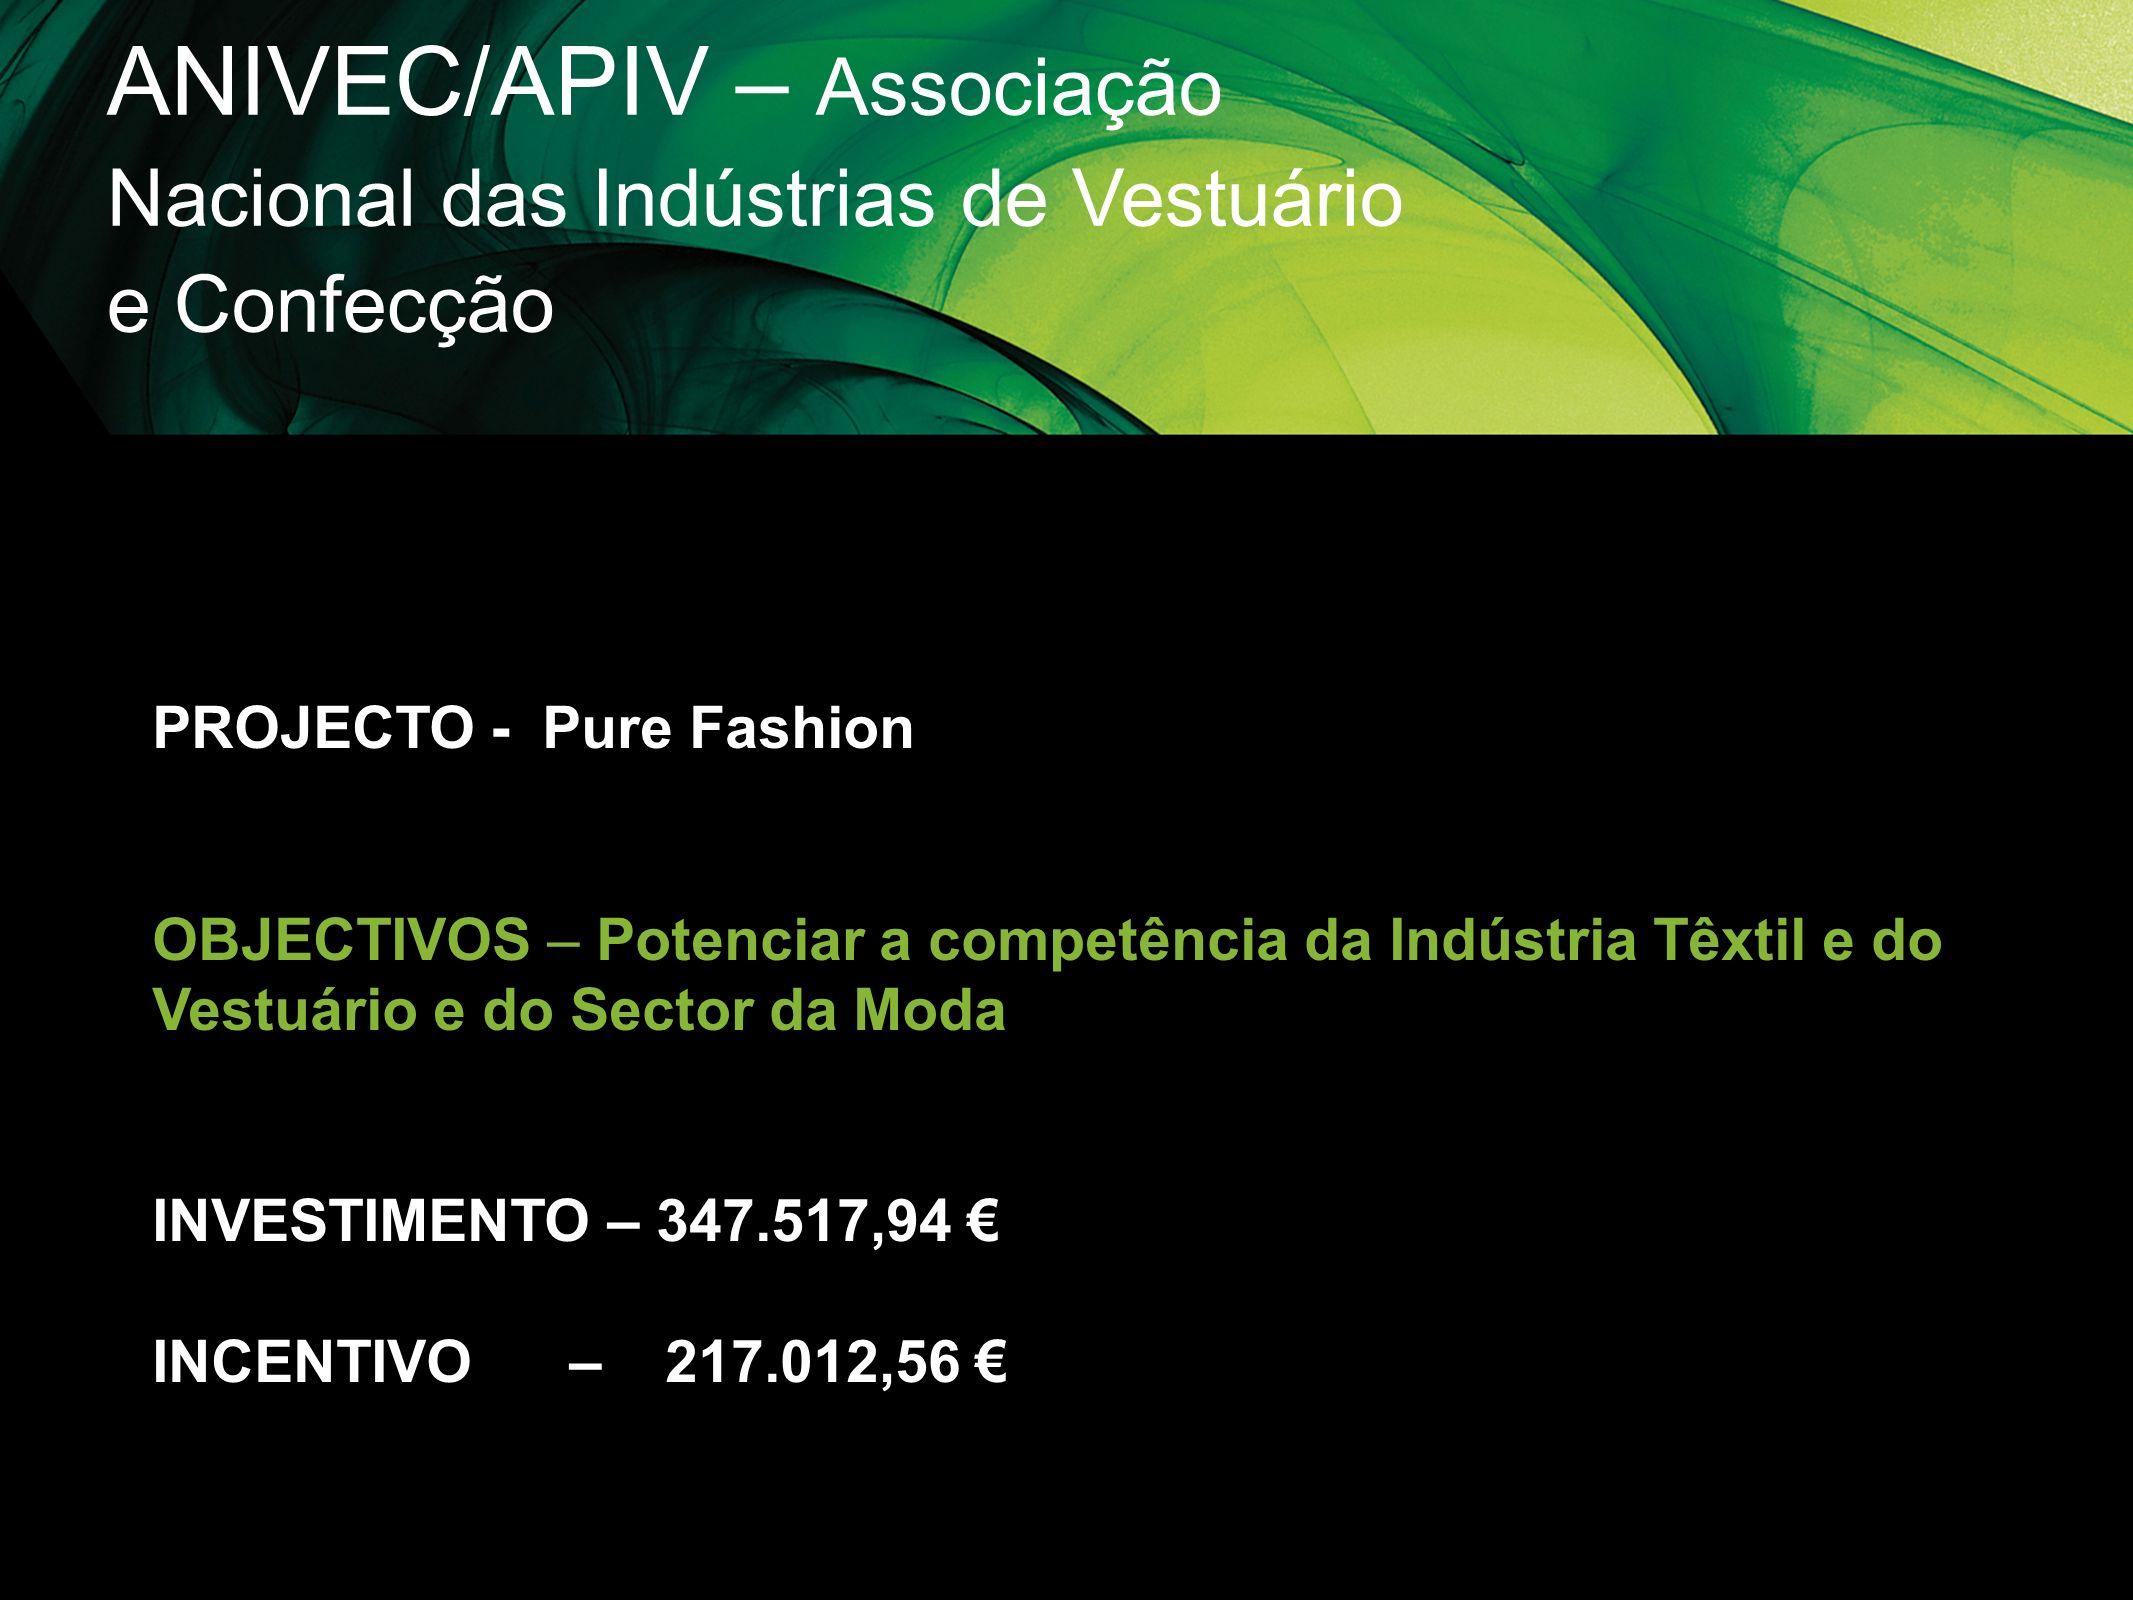 ANIVEC/APIV – Associação Nacional das Indústrias de Vestuário e Confecção